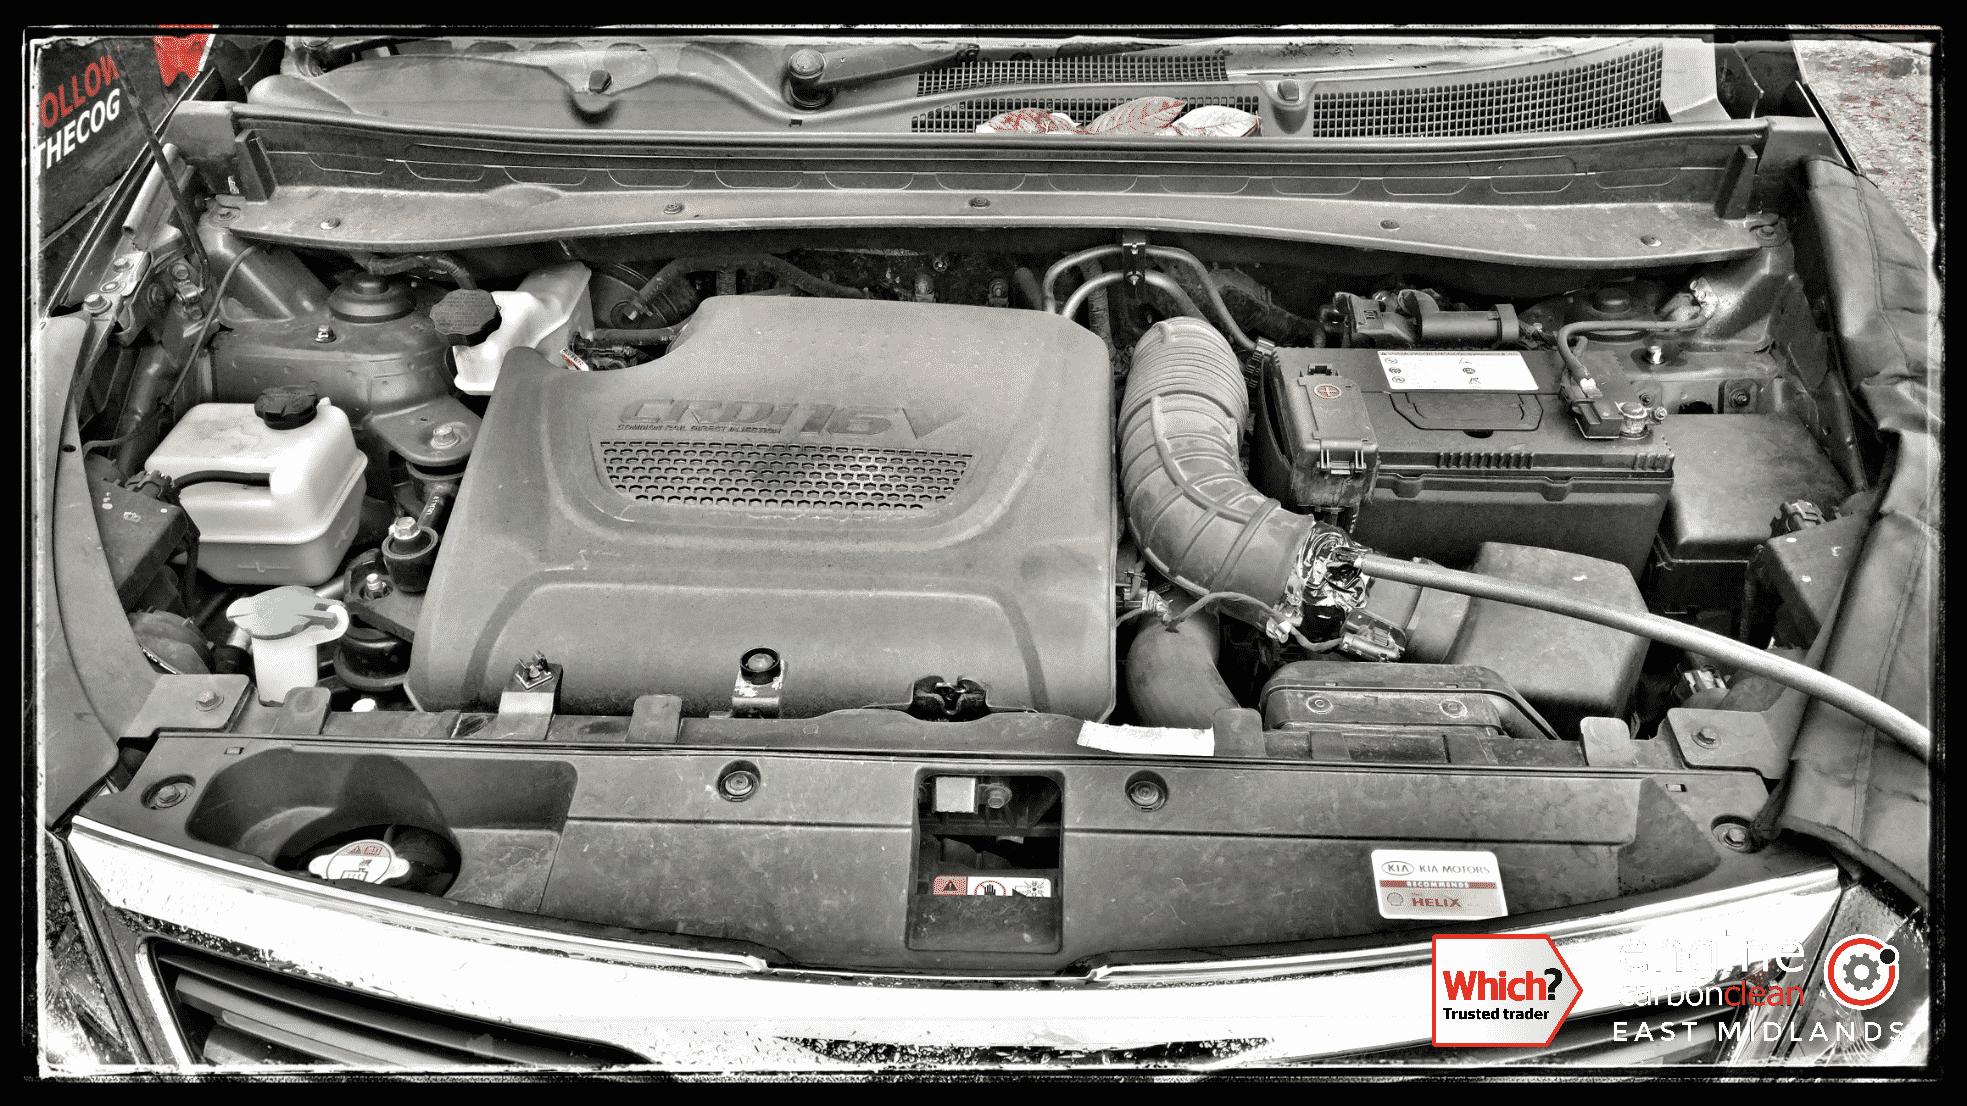 Kia Sportage (2012 - 92,374 miles)